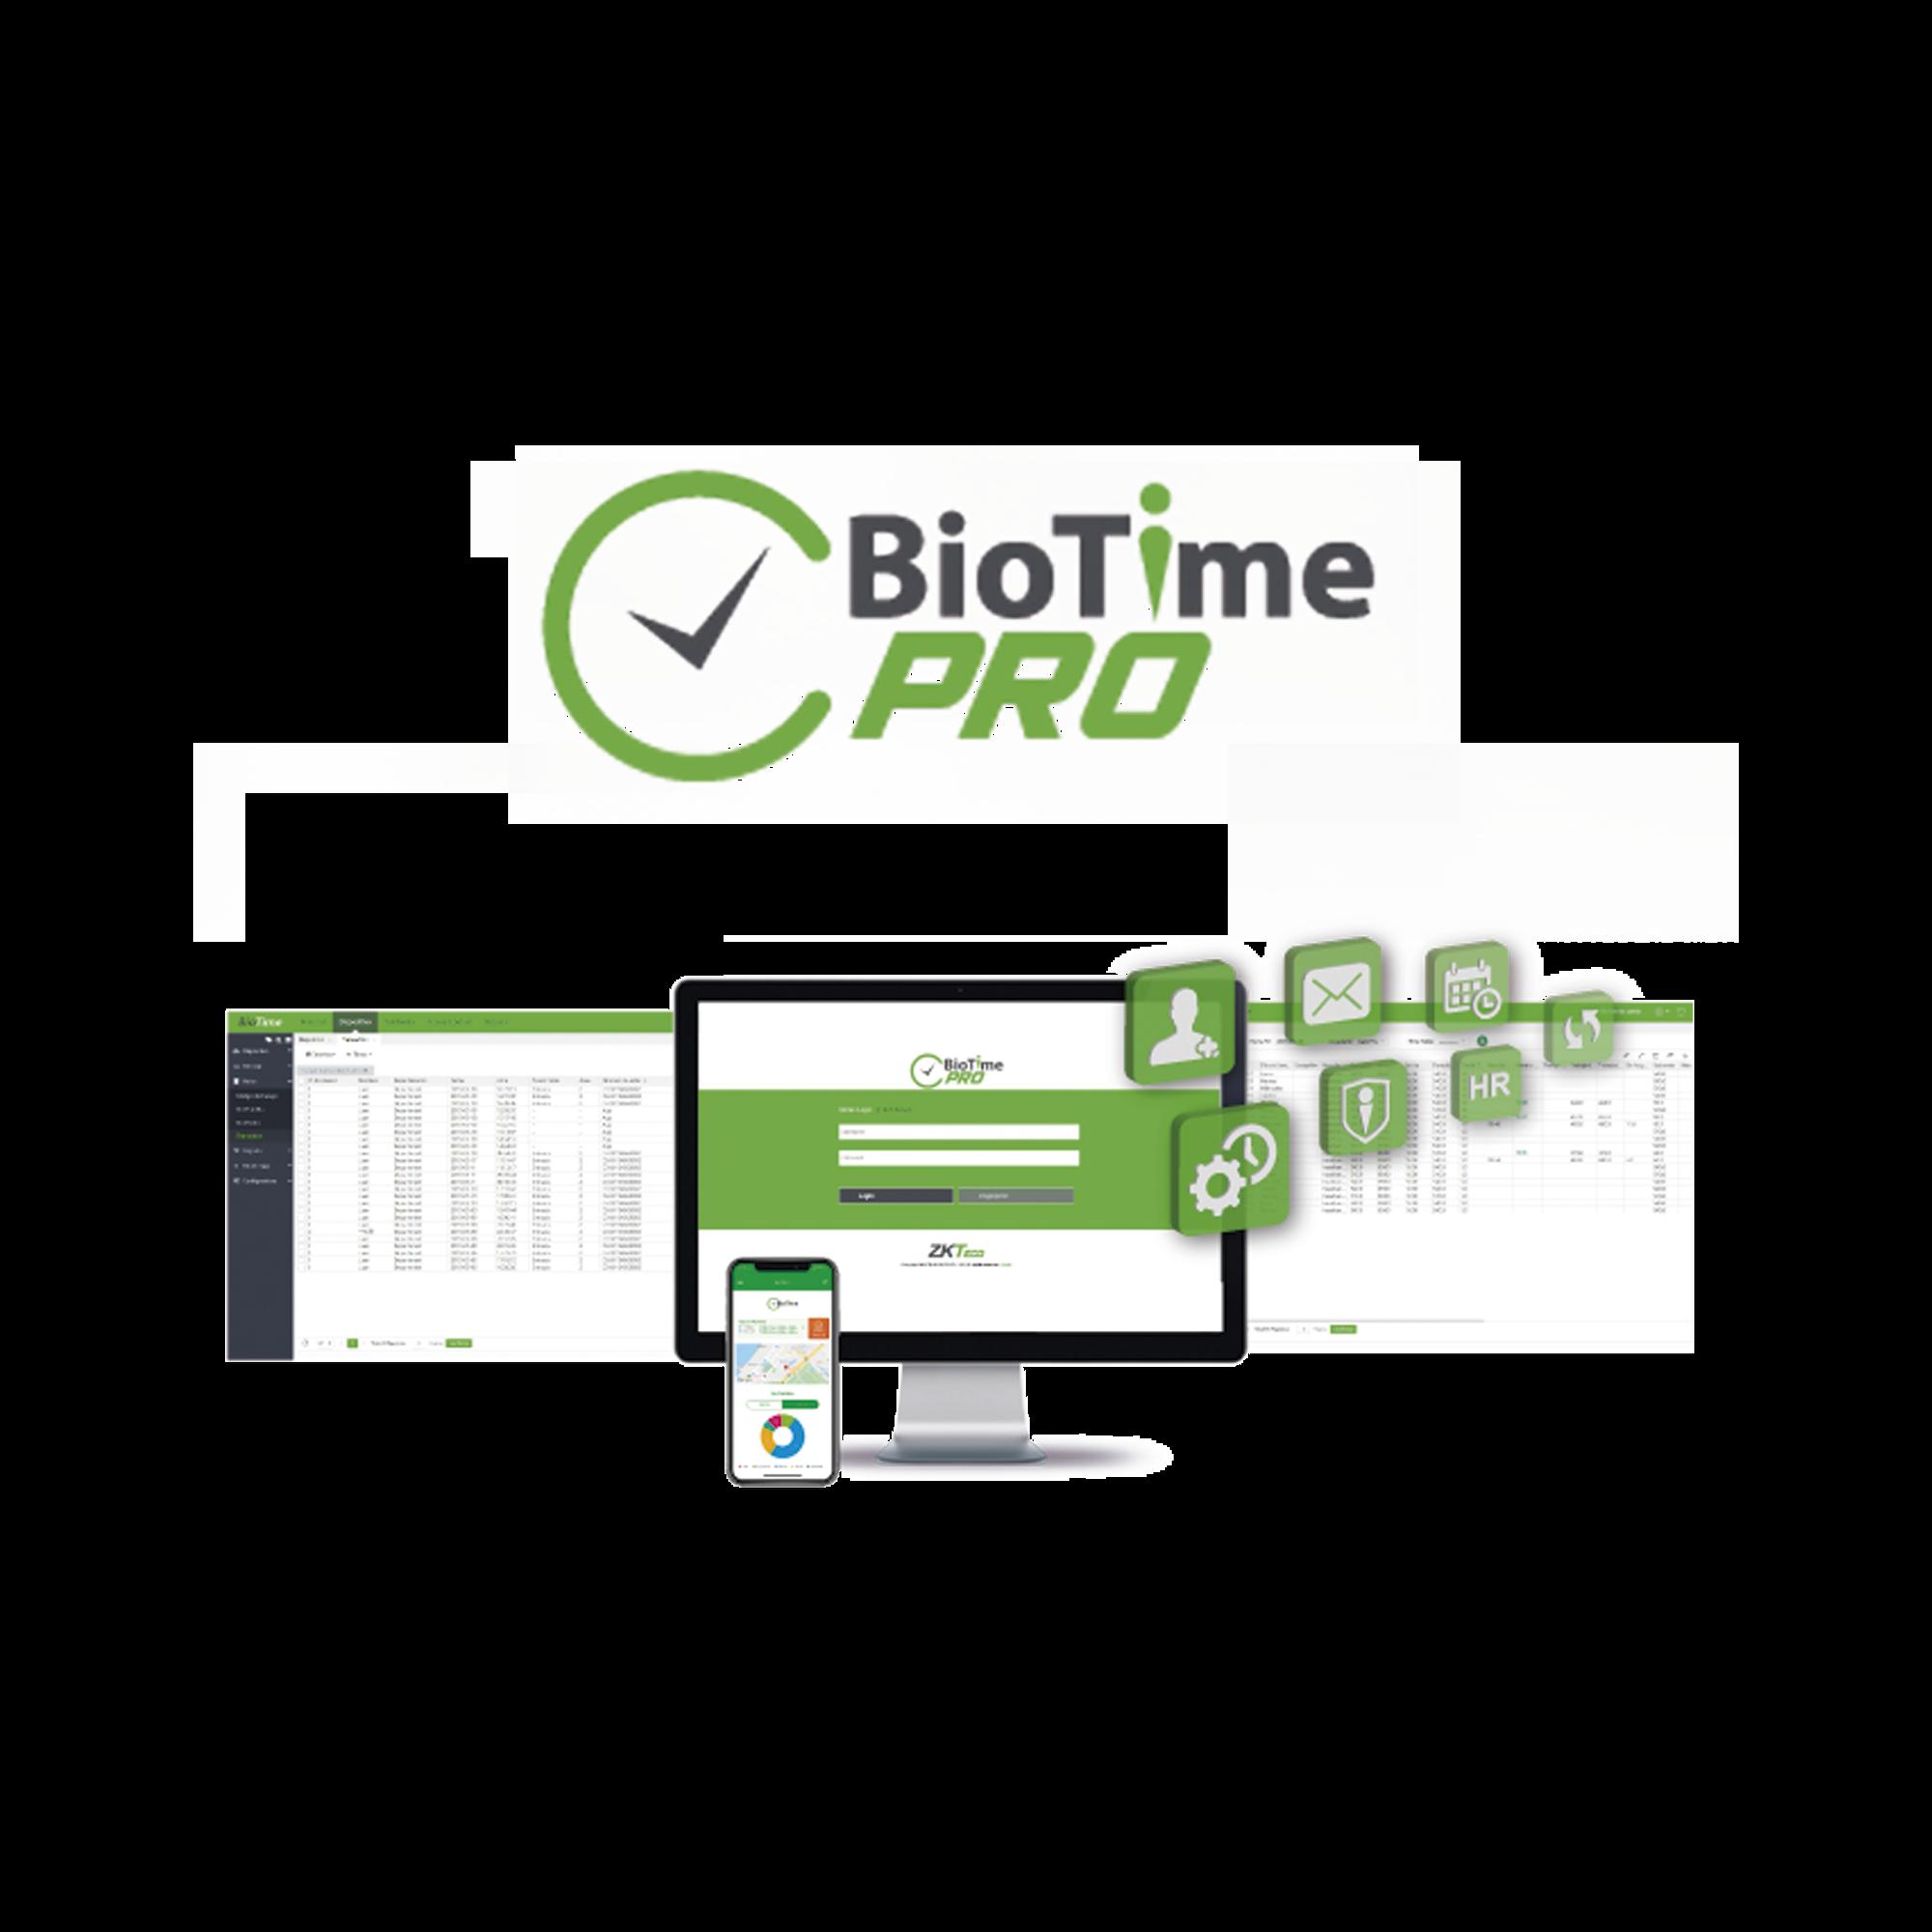 Software de Gestión Centralizada de Asistencia BIOTIMEPRO Licencia LITE 10 dispositivos y 1000 empleados